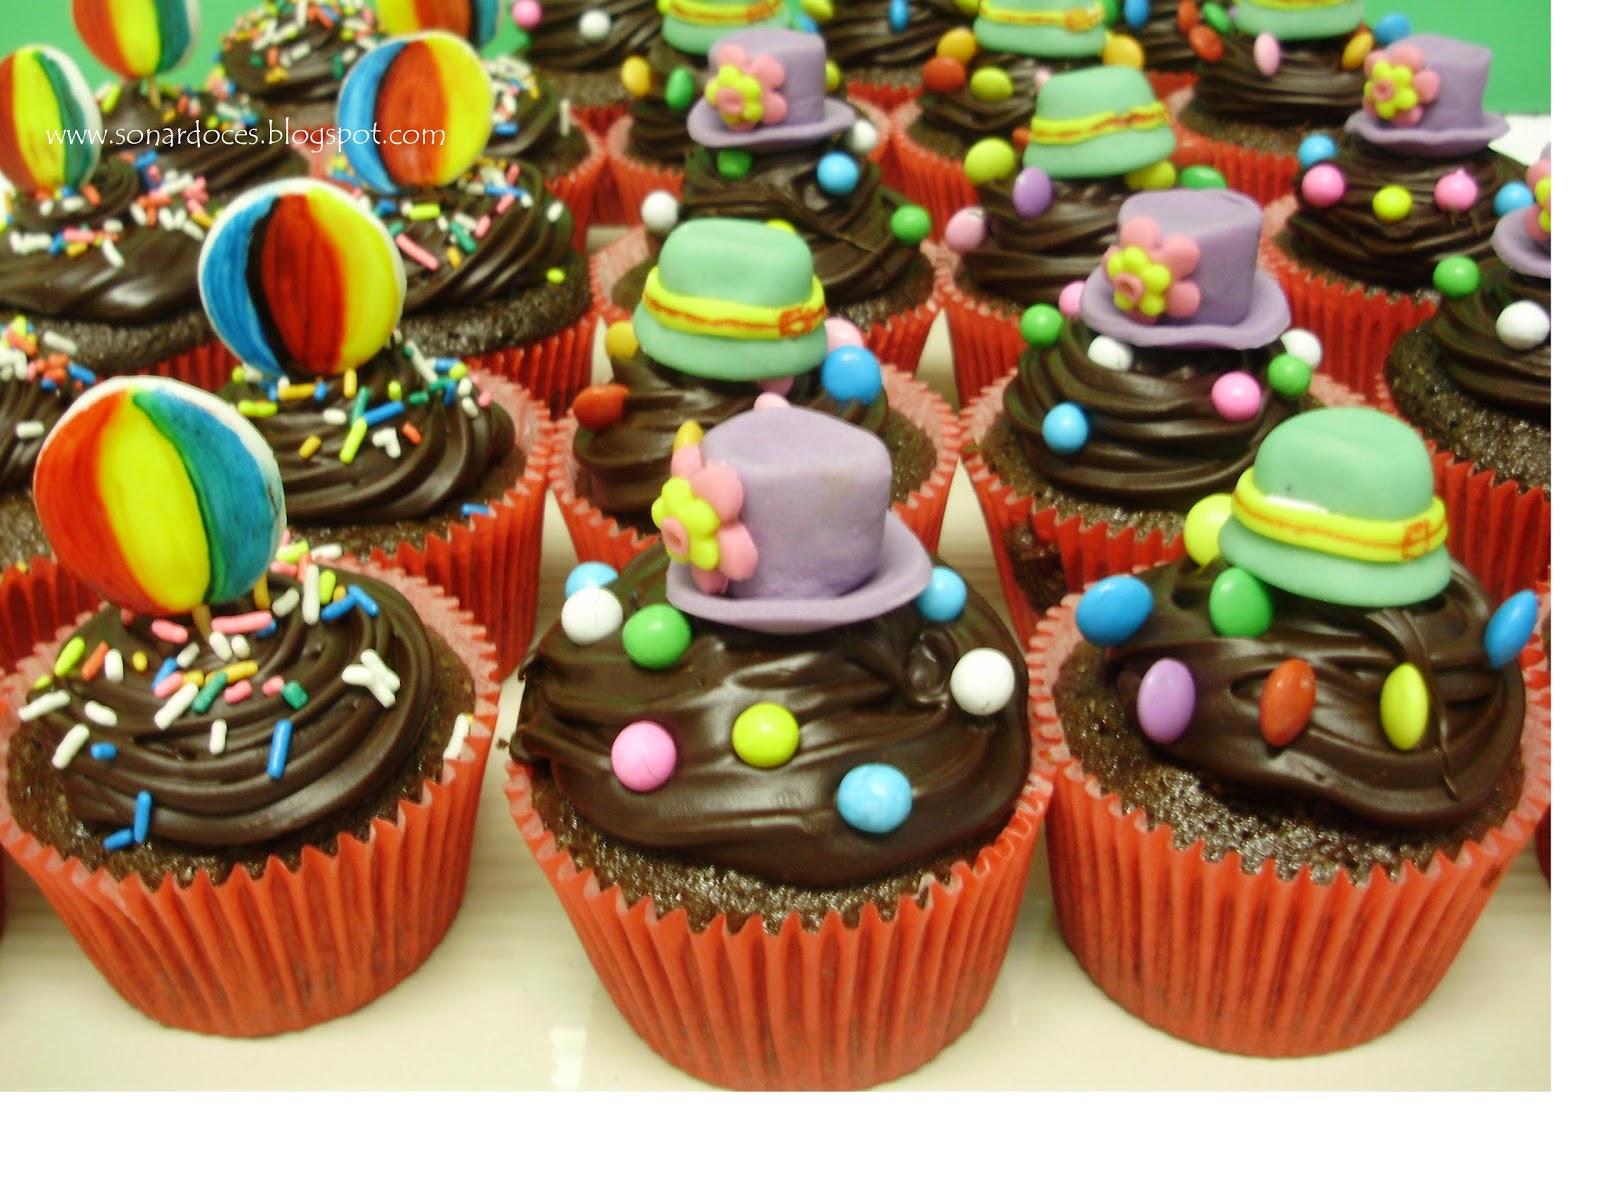 Cupcakes De Chocolate  Recheados   Doce De Leite E Cobertura De